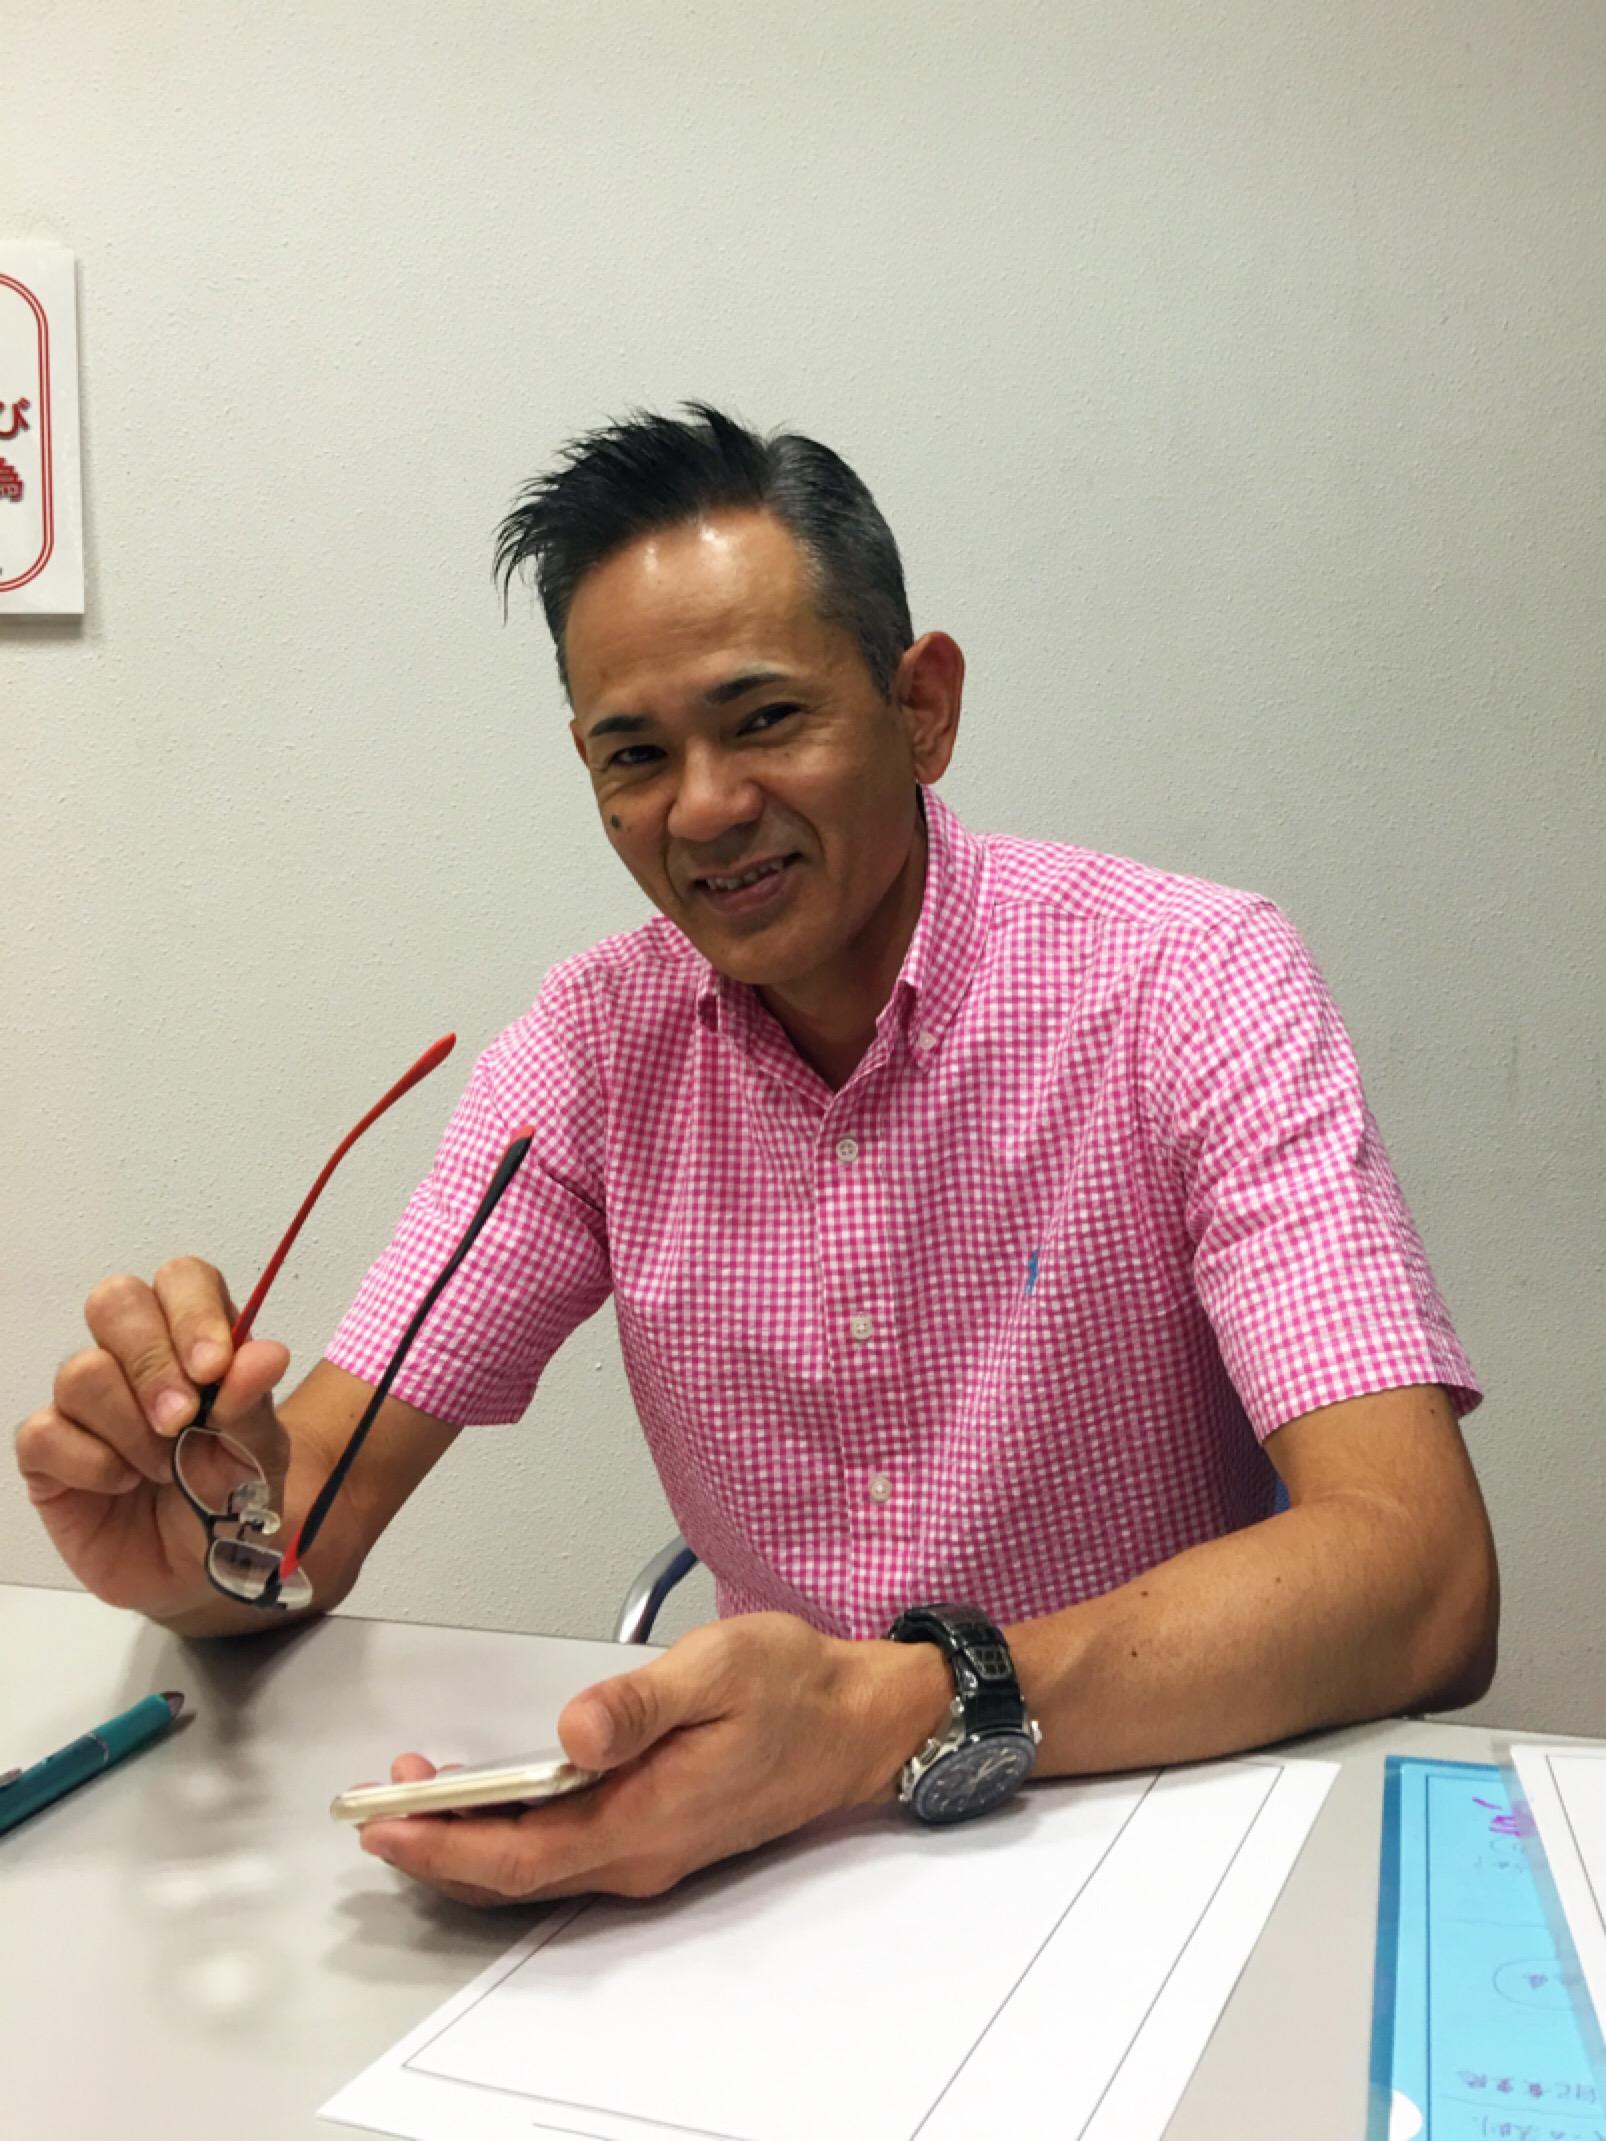 今日は沖縄✨人間学❣️ ただいま 地球?上昇中✨? 今日はやんちゃ色のピンクのギンガムチェック?が何ともやんちゃな先生です✨